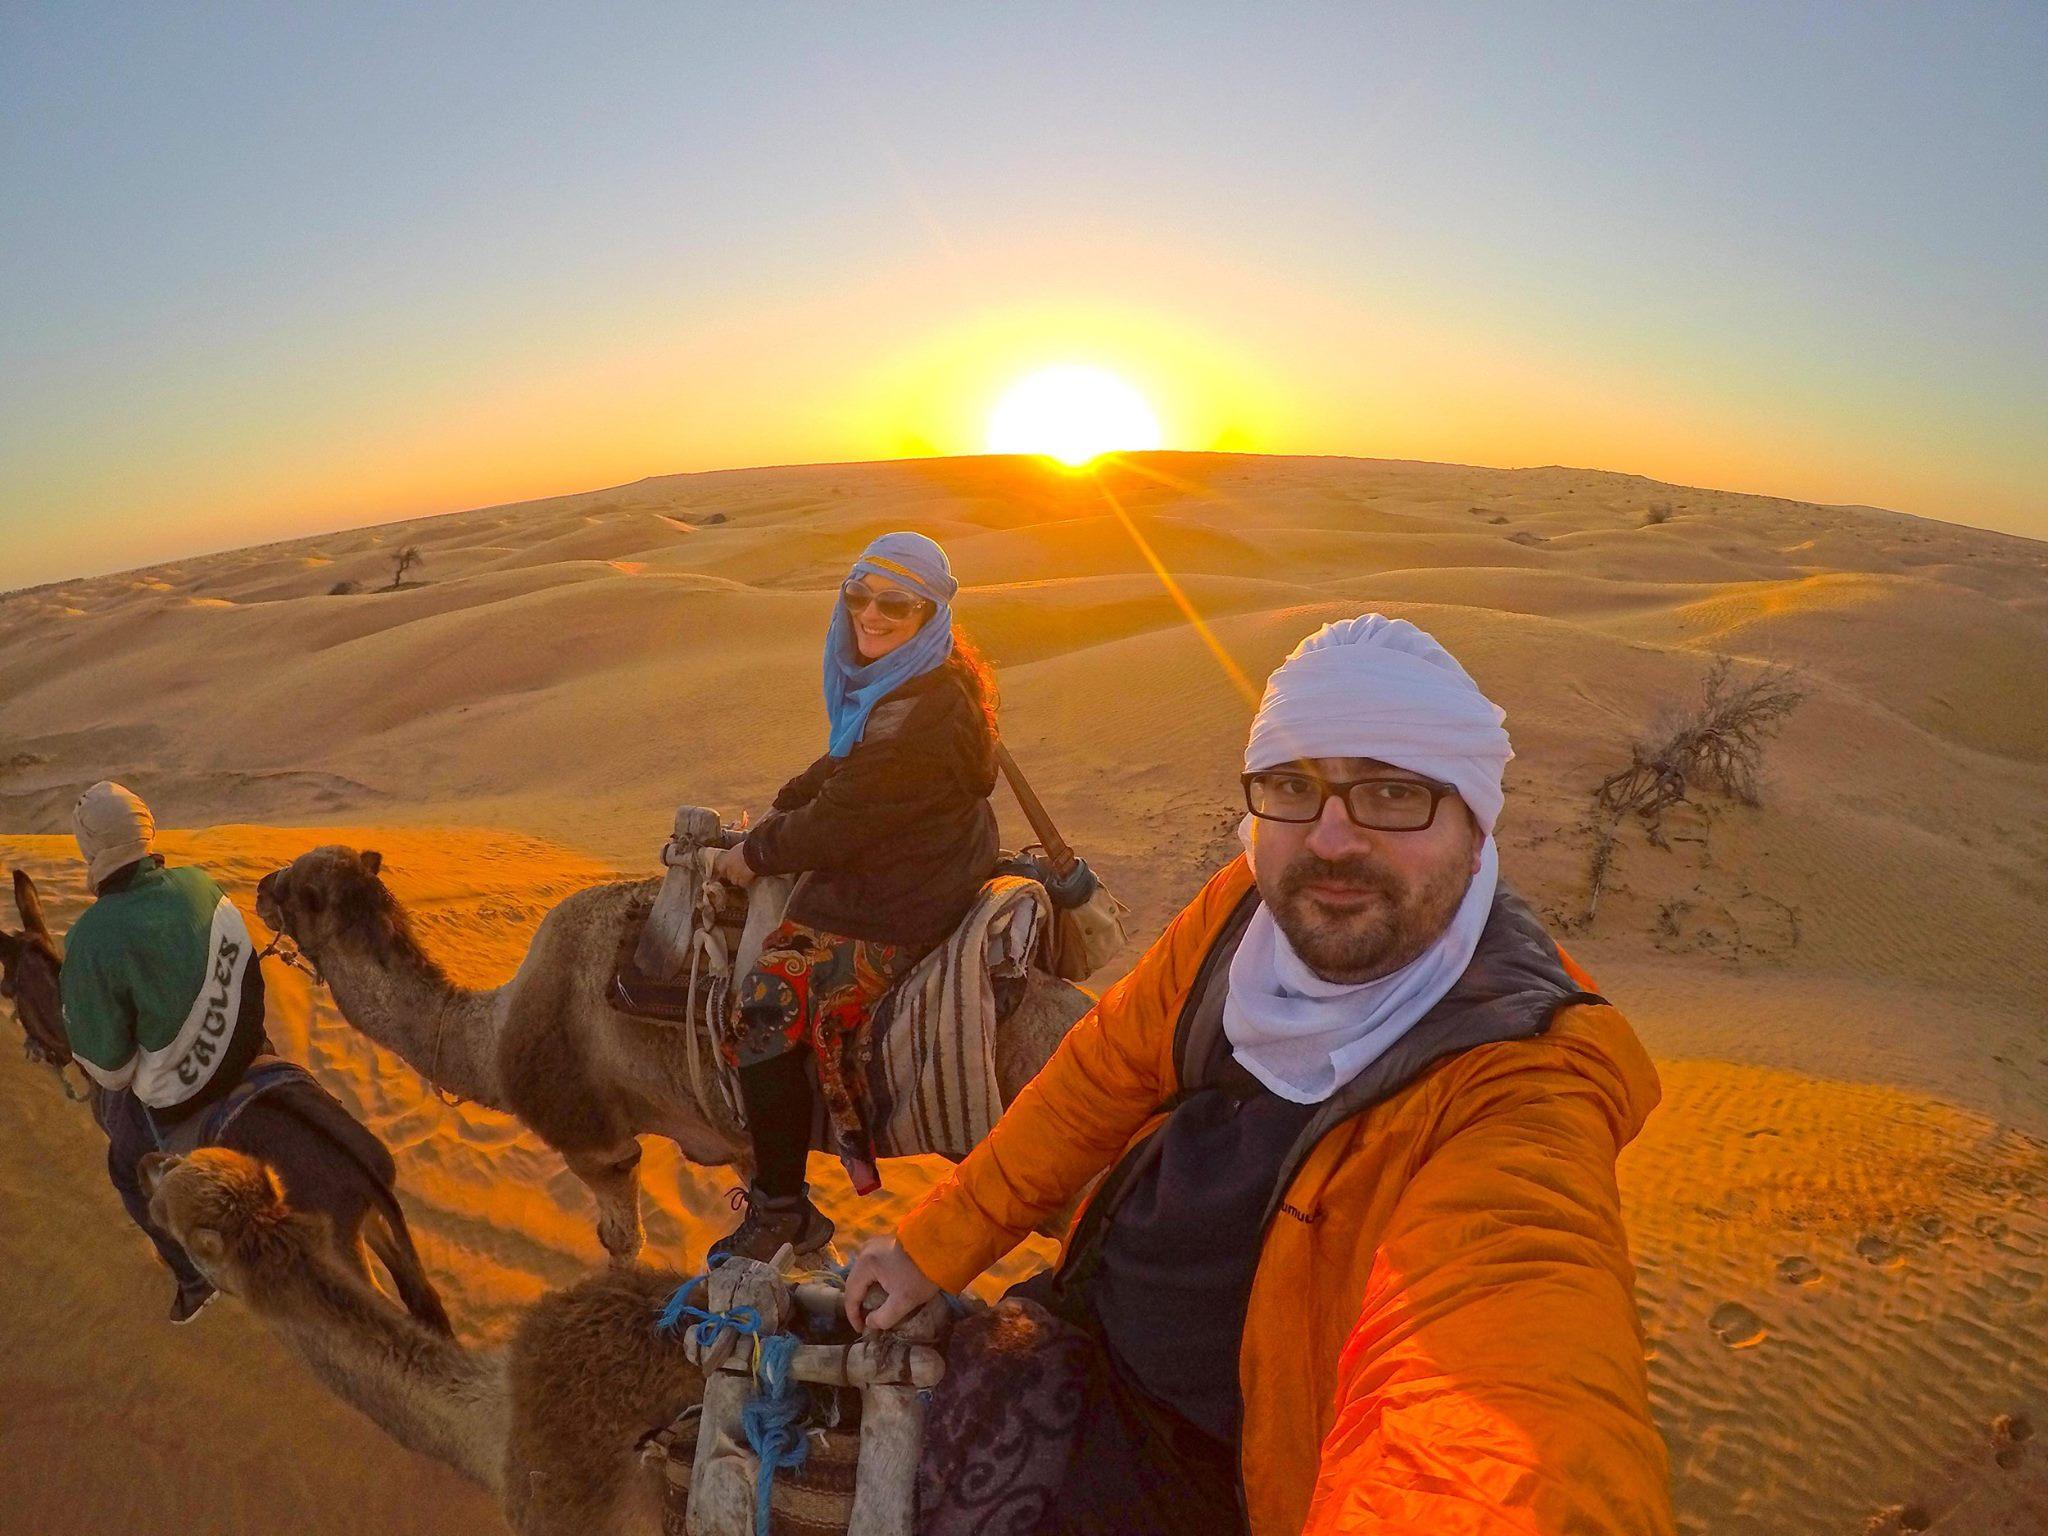 Viajar entre Viagens, de Carla Mota e Rui Pinto, foi considerado o melhor Blogue de Viagens Pessoal